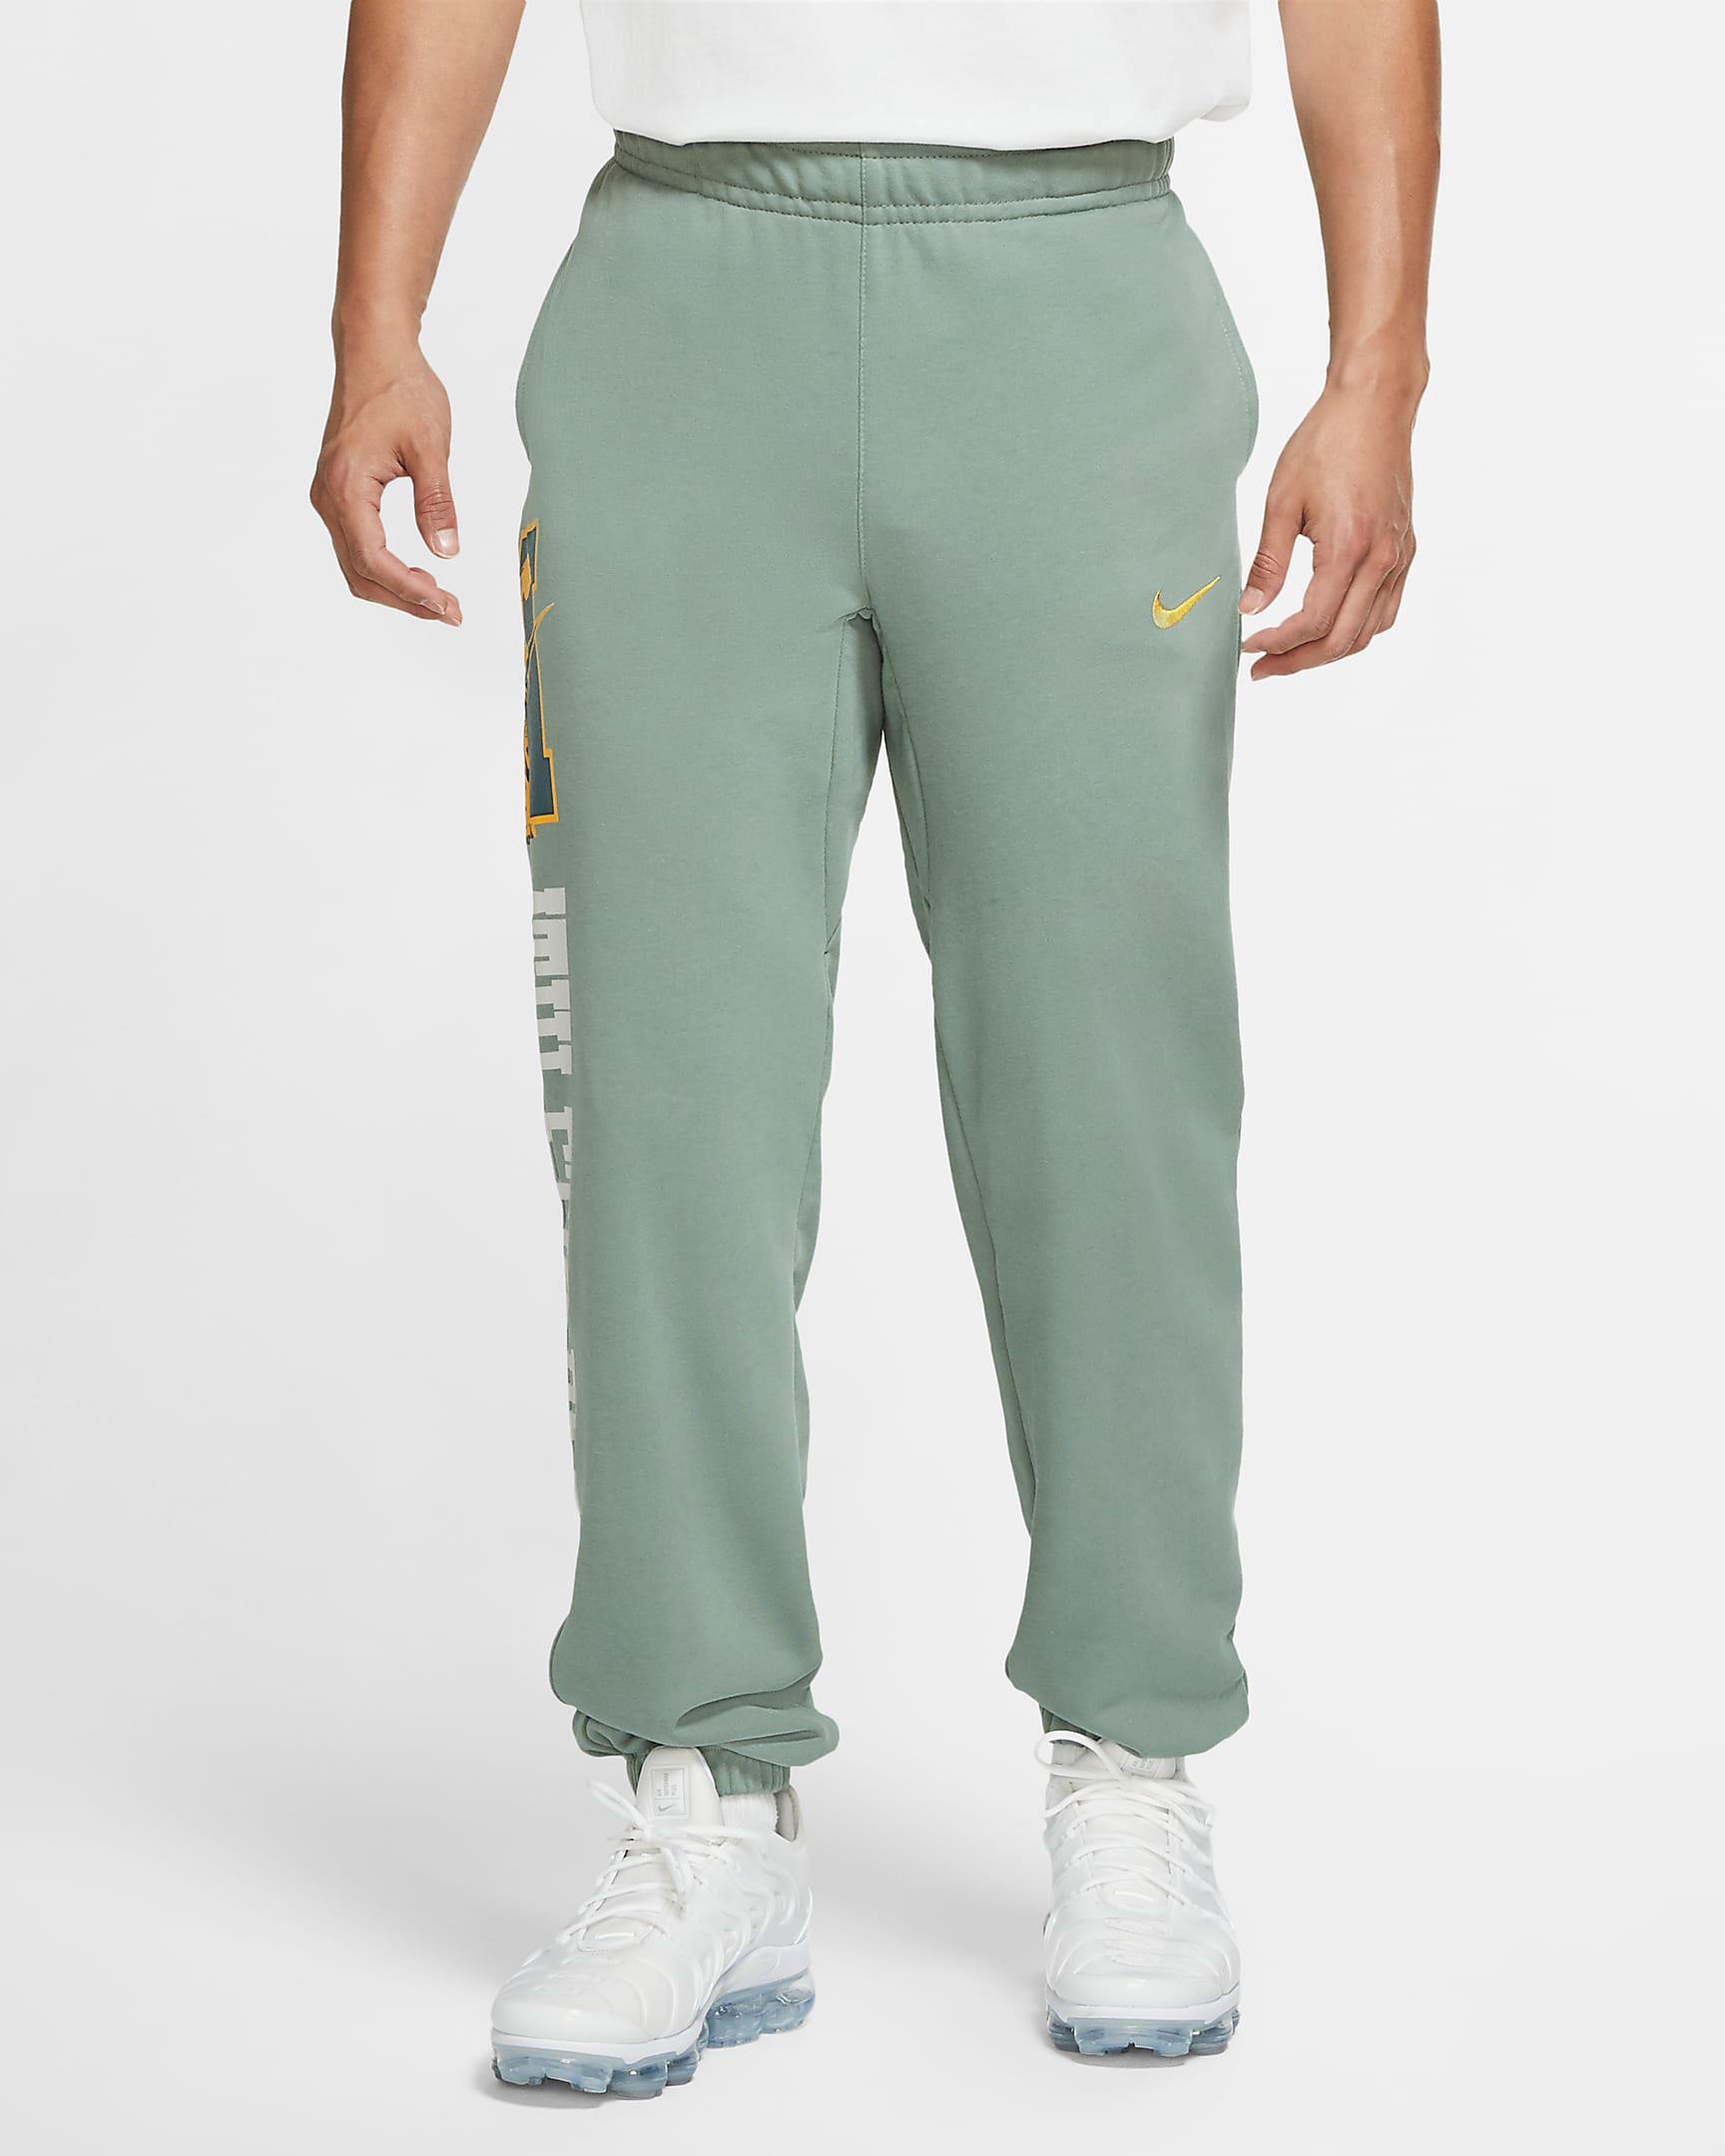 nike-air-max-1-spiral-sage-jogger-pants-1